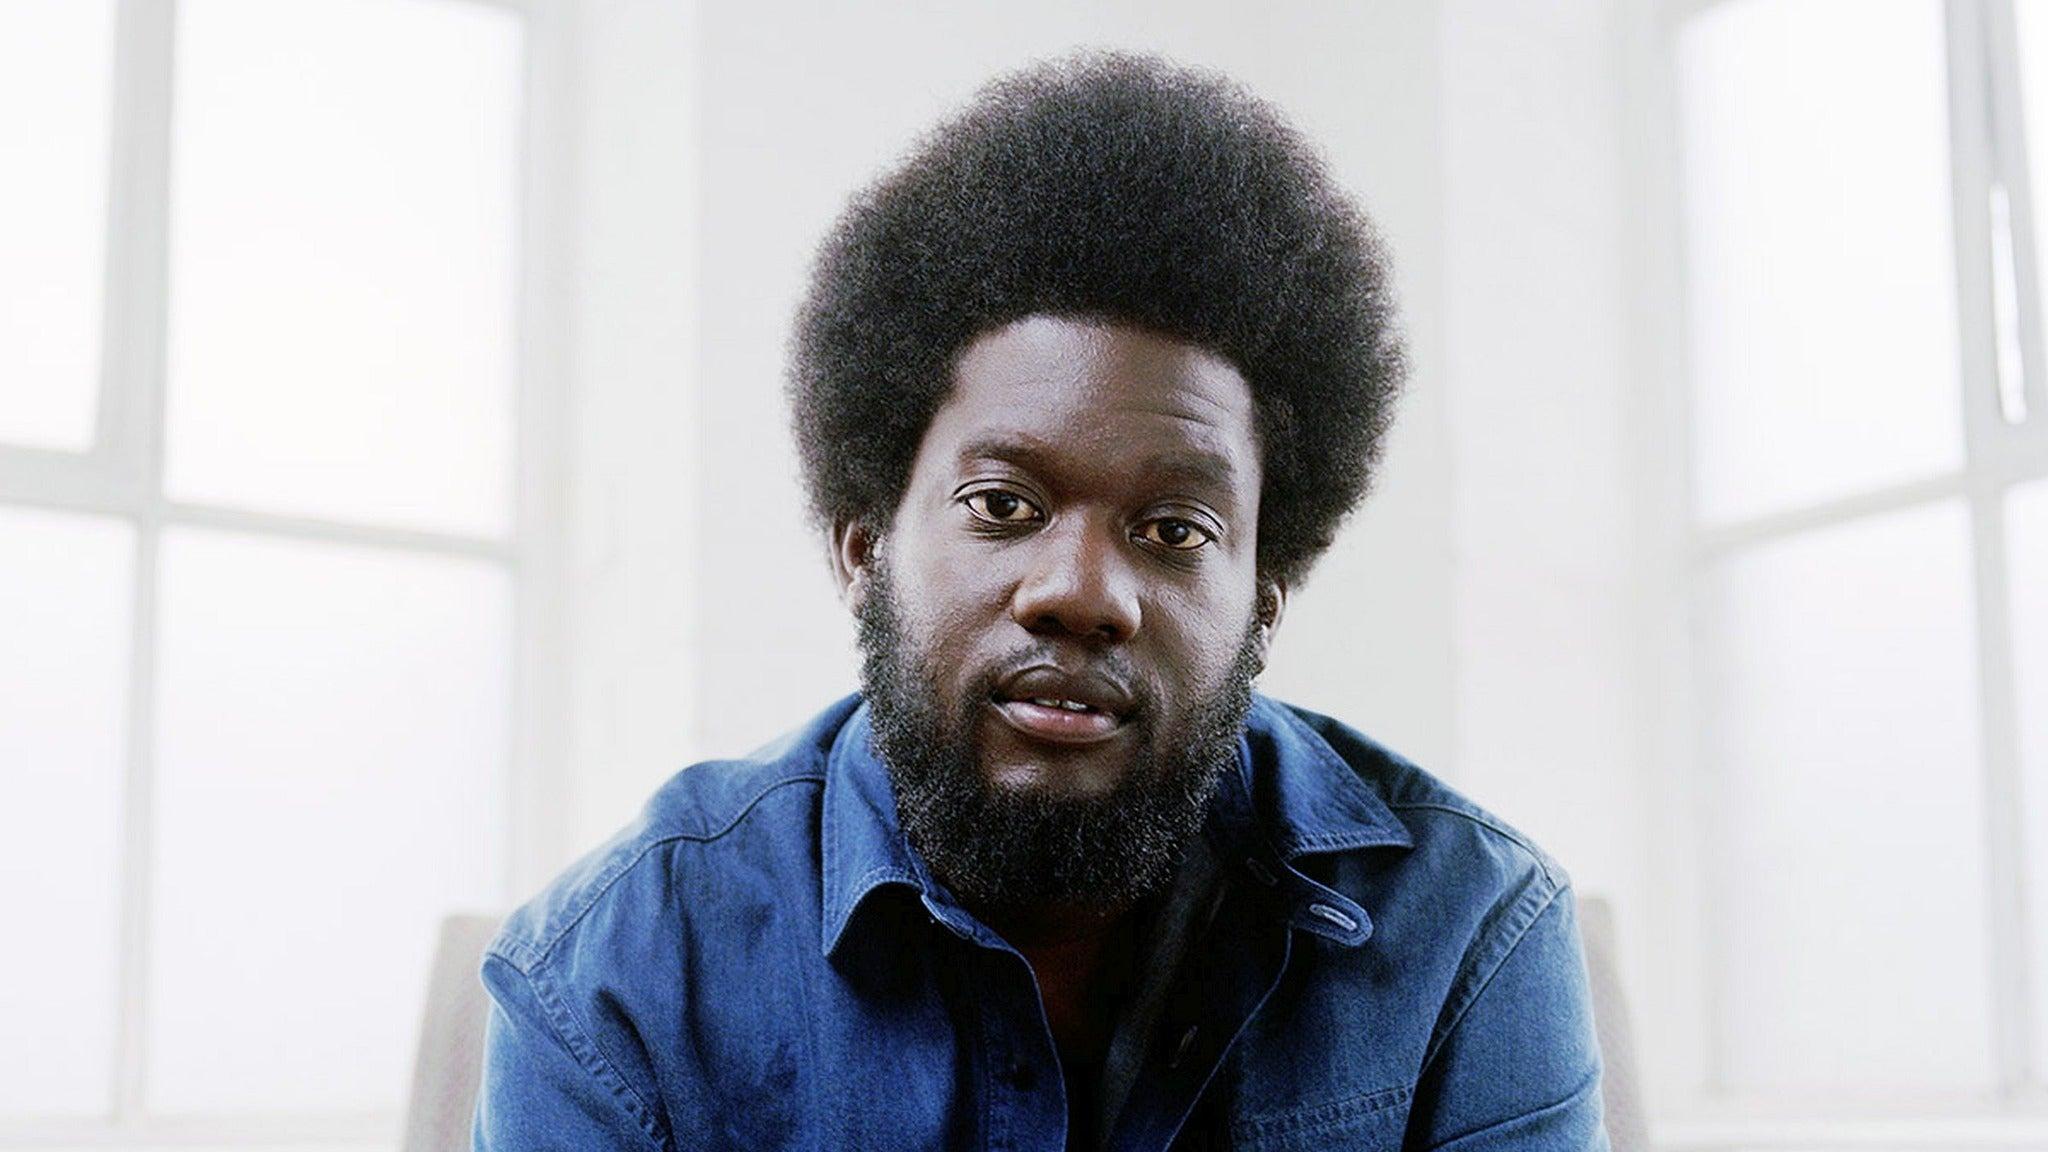 Michael Kiwanuka / UK